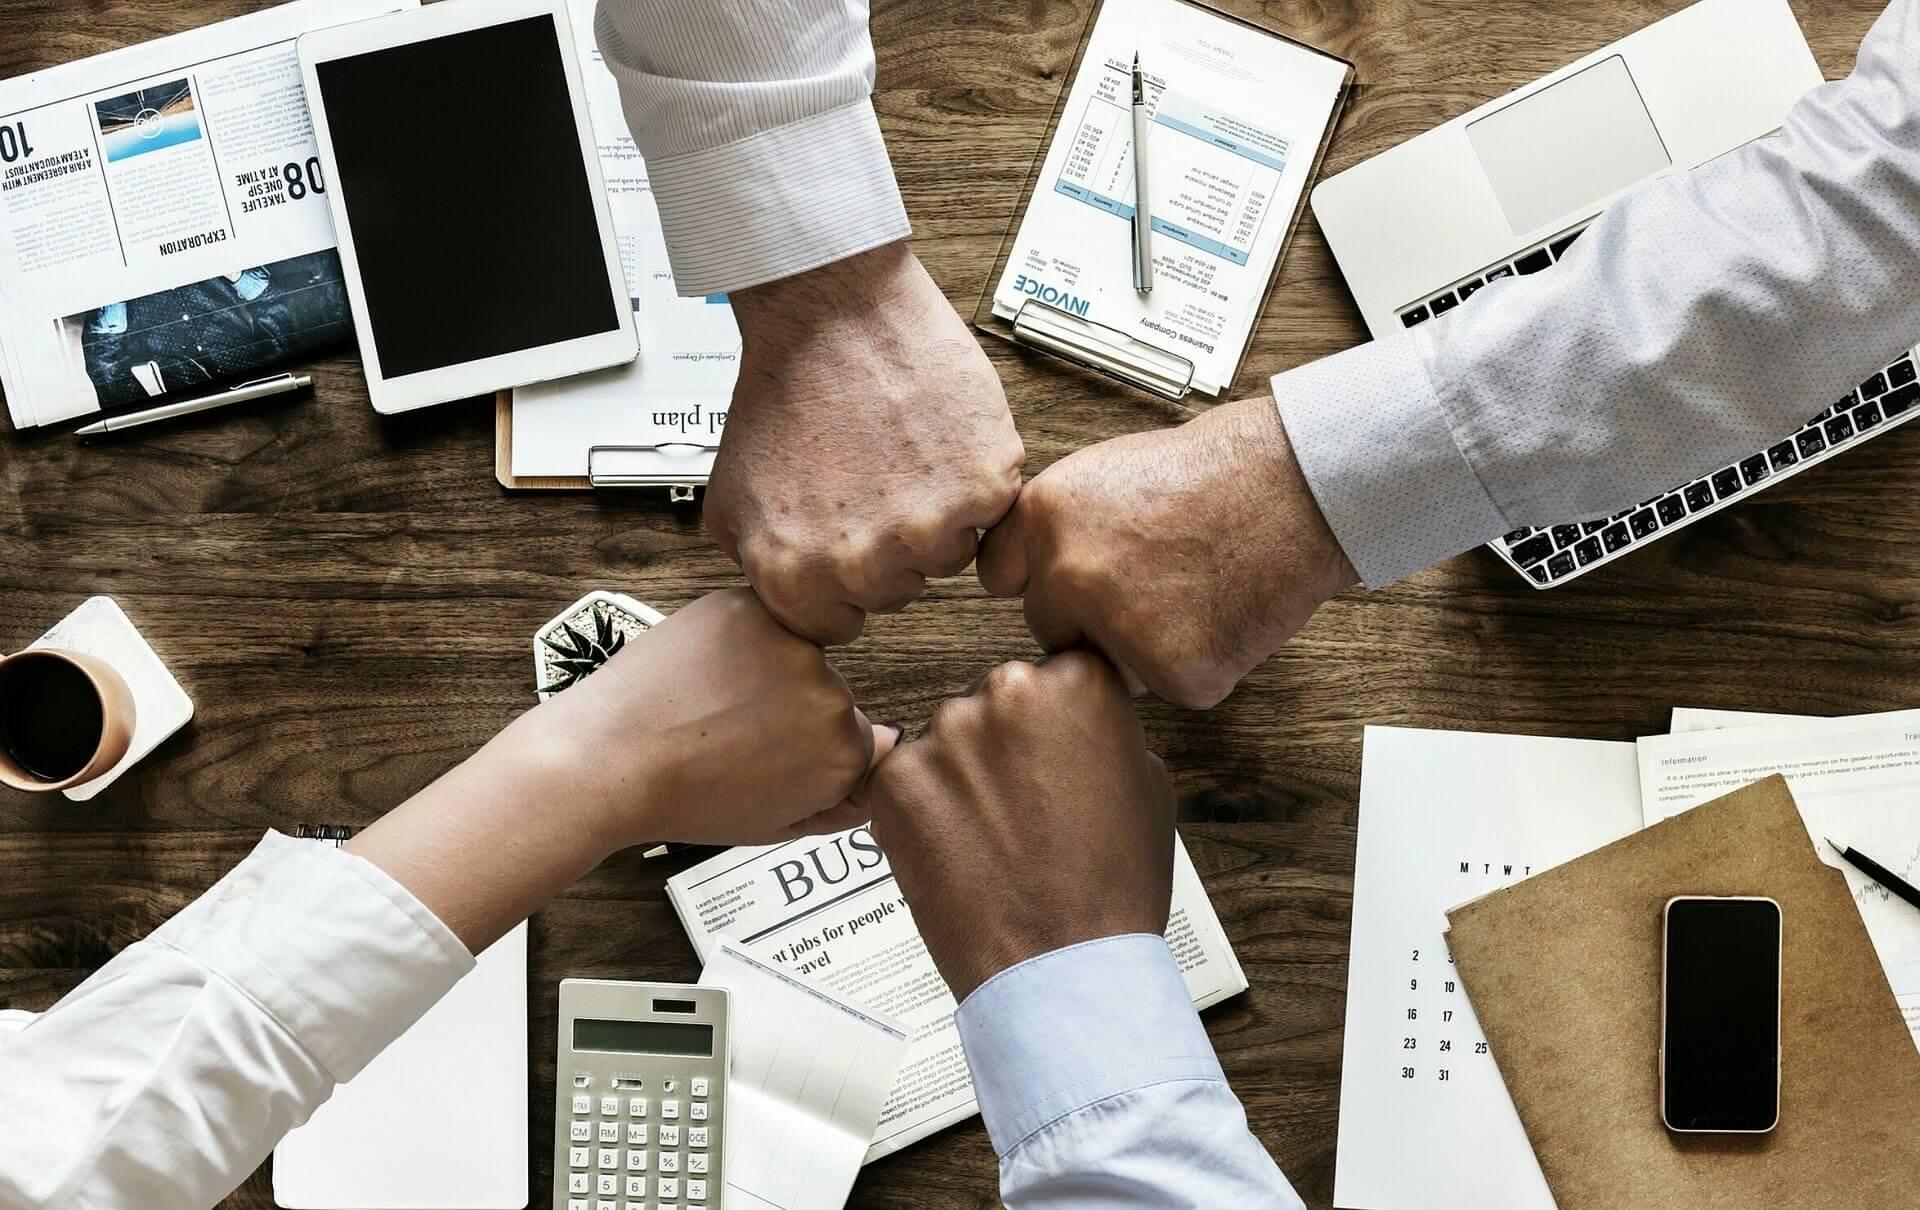 Teamfähigkeit in der Bewerbung belegen: Formulierung, Muster & Tipps